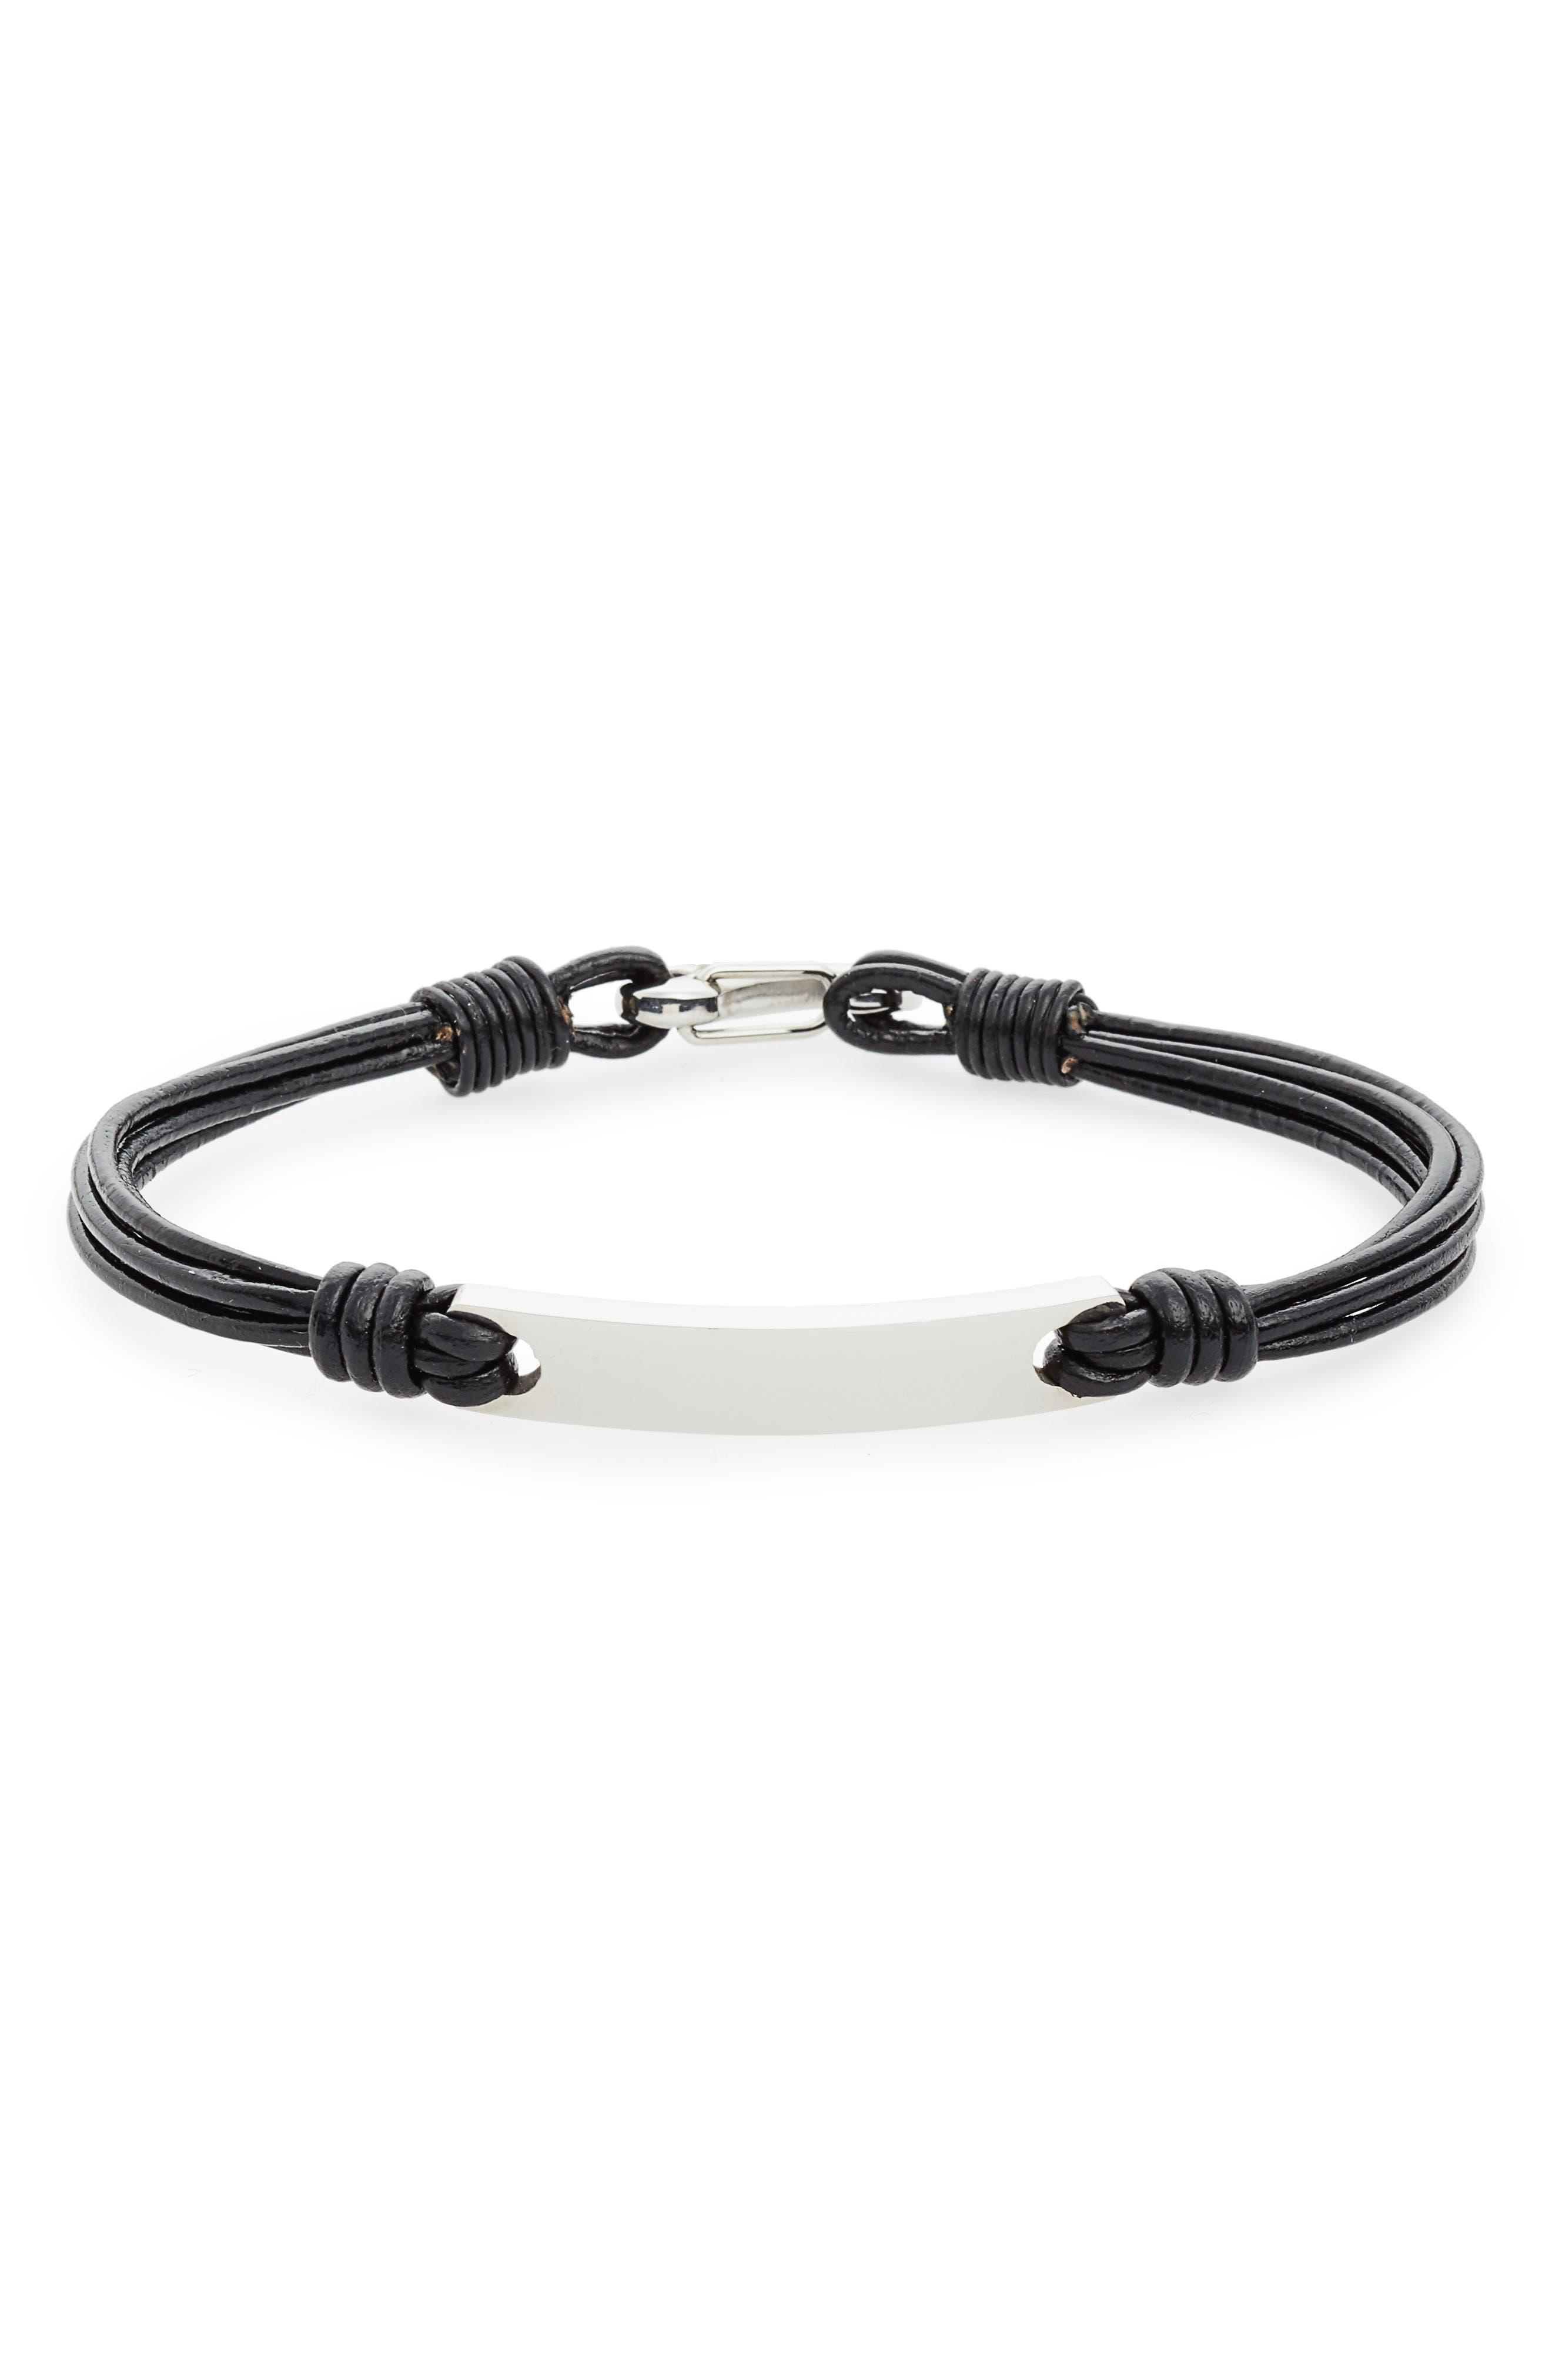 Leather Strands Bracelet,                             Main thumbnail 1, color,                             001